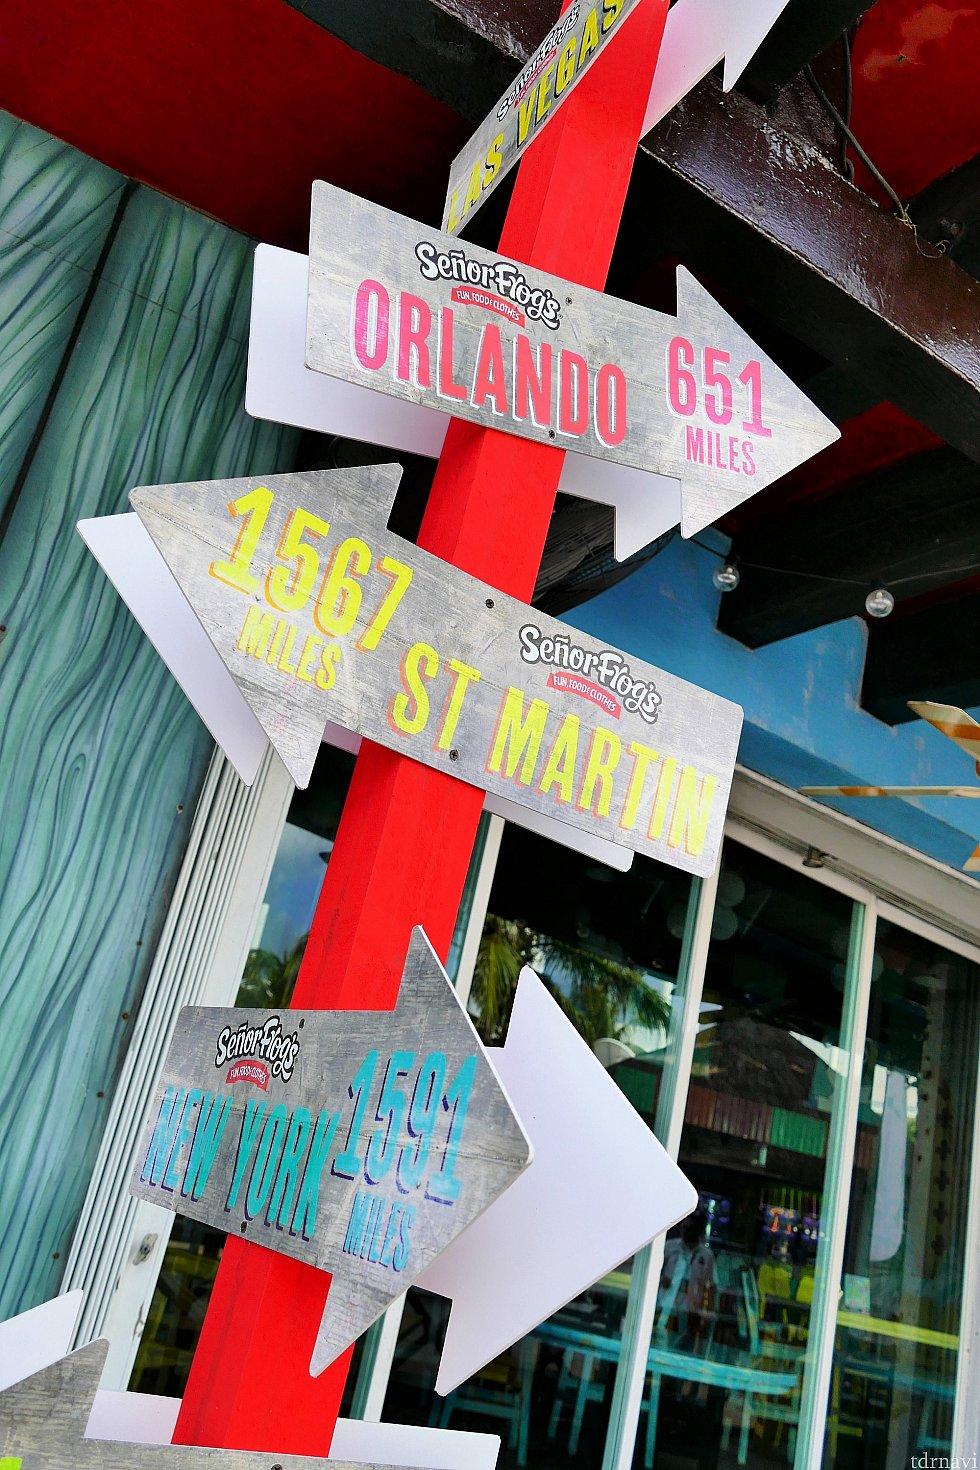 このお店の前にある看板。コズメル島はオーランド651マイルの場所にあるんですね!かつて東カリブクルーズで訪れたセントマーティン島はさらに1,567マイルも先!